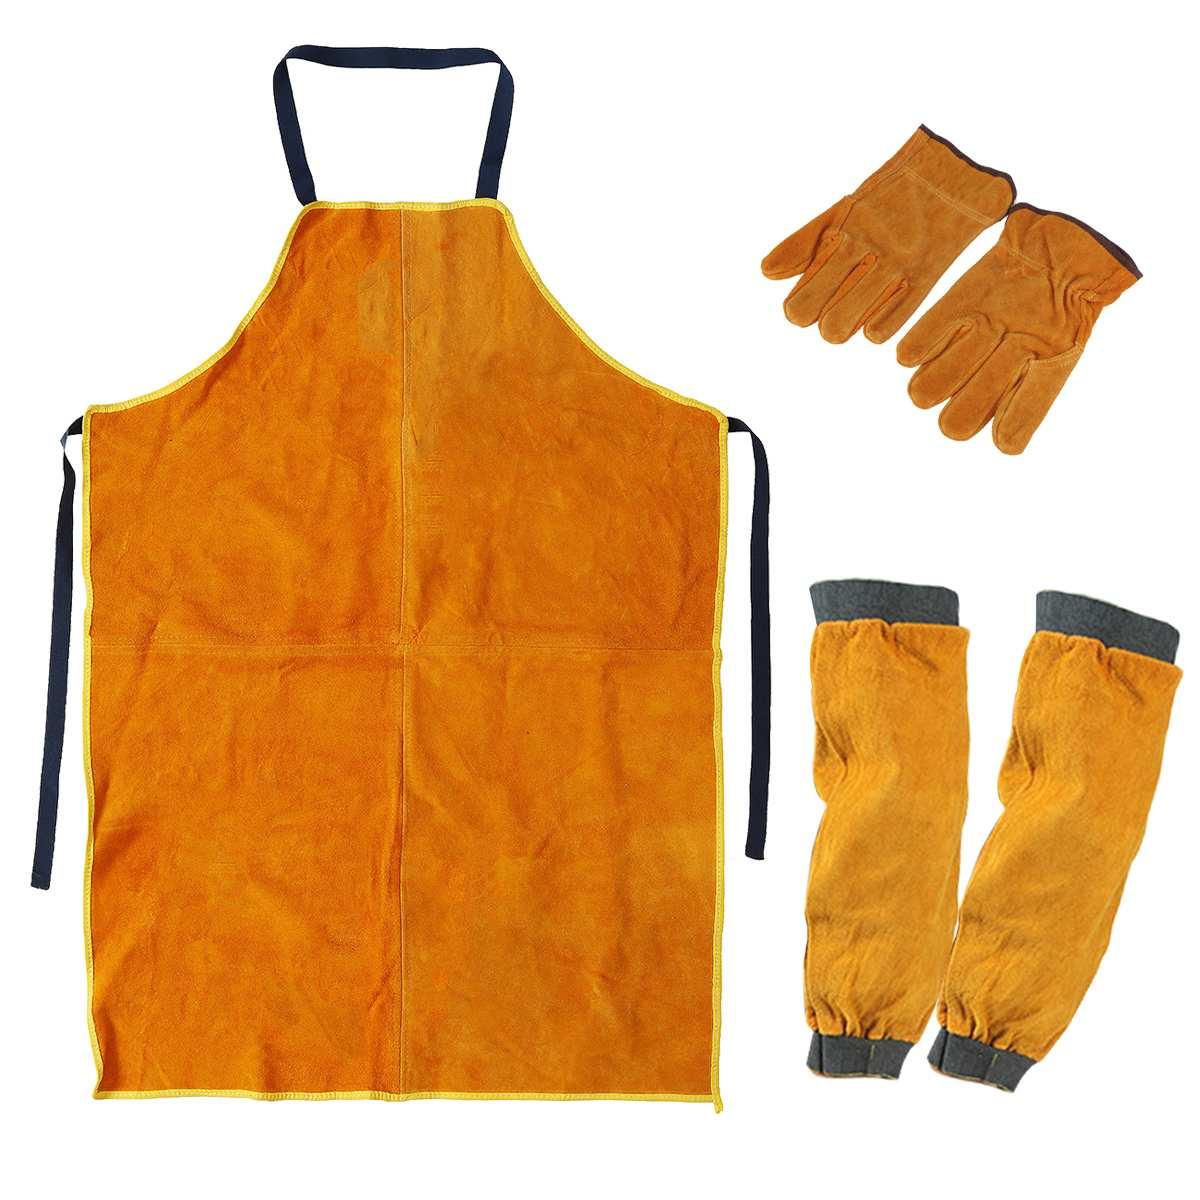 Сверхпрочный садовый сварочный фартук, рукава, перчатки, защита от шипа, безопасная рабочая одежда, глазуры, Blacksmith Защитный костюм      АлиЭкспресс